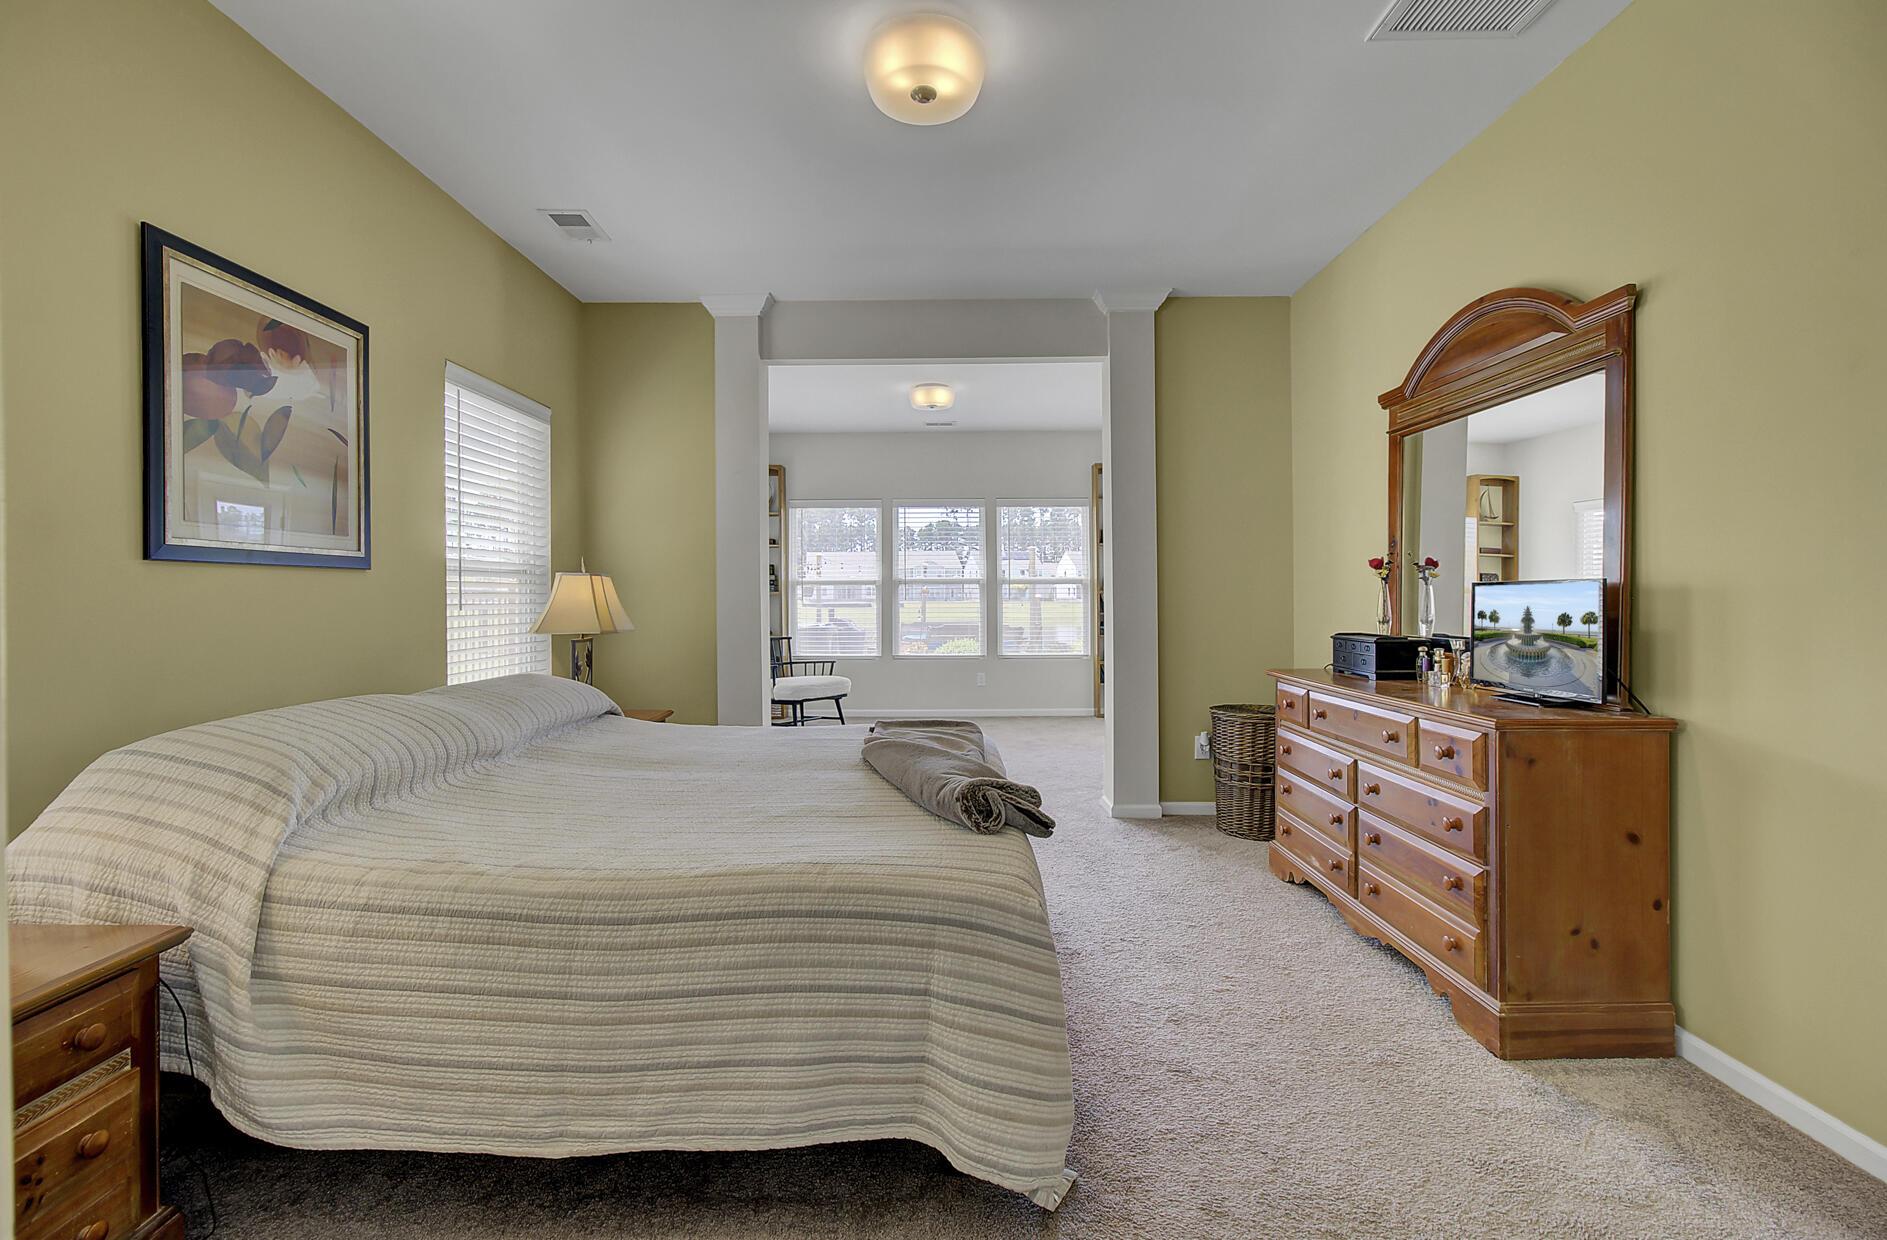 North Creek Village Homes For Sale - 384 Dunlin, Summerville, SC - 35